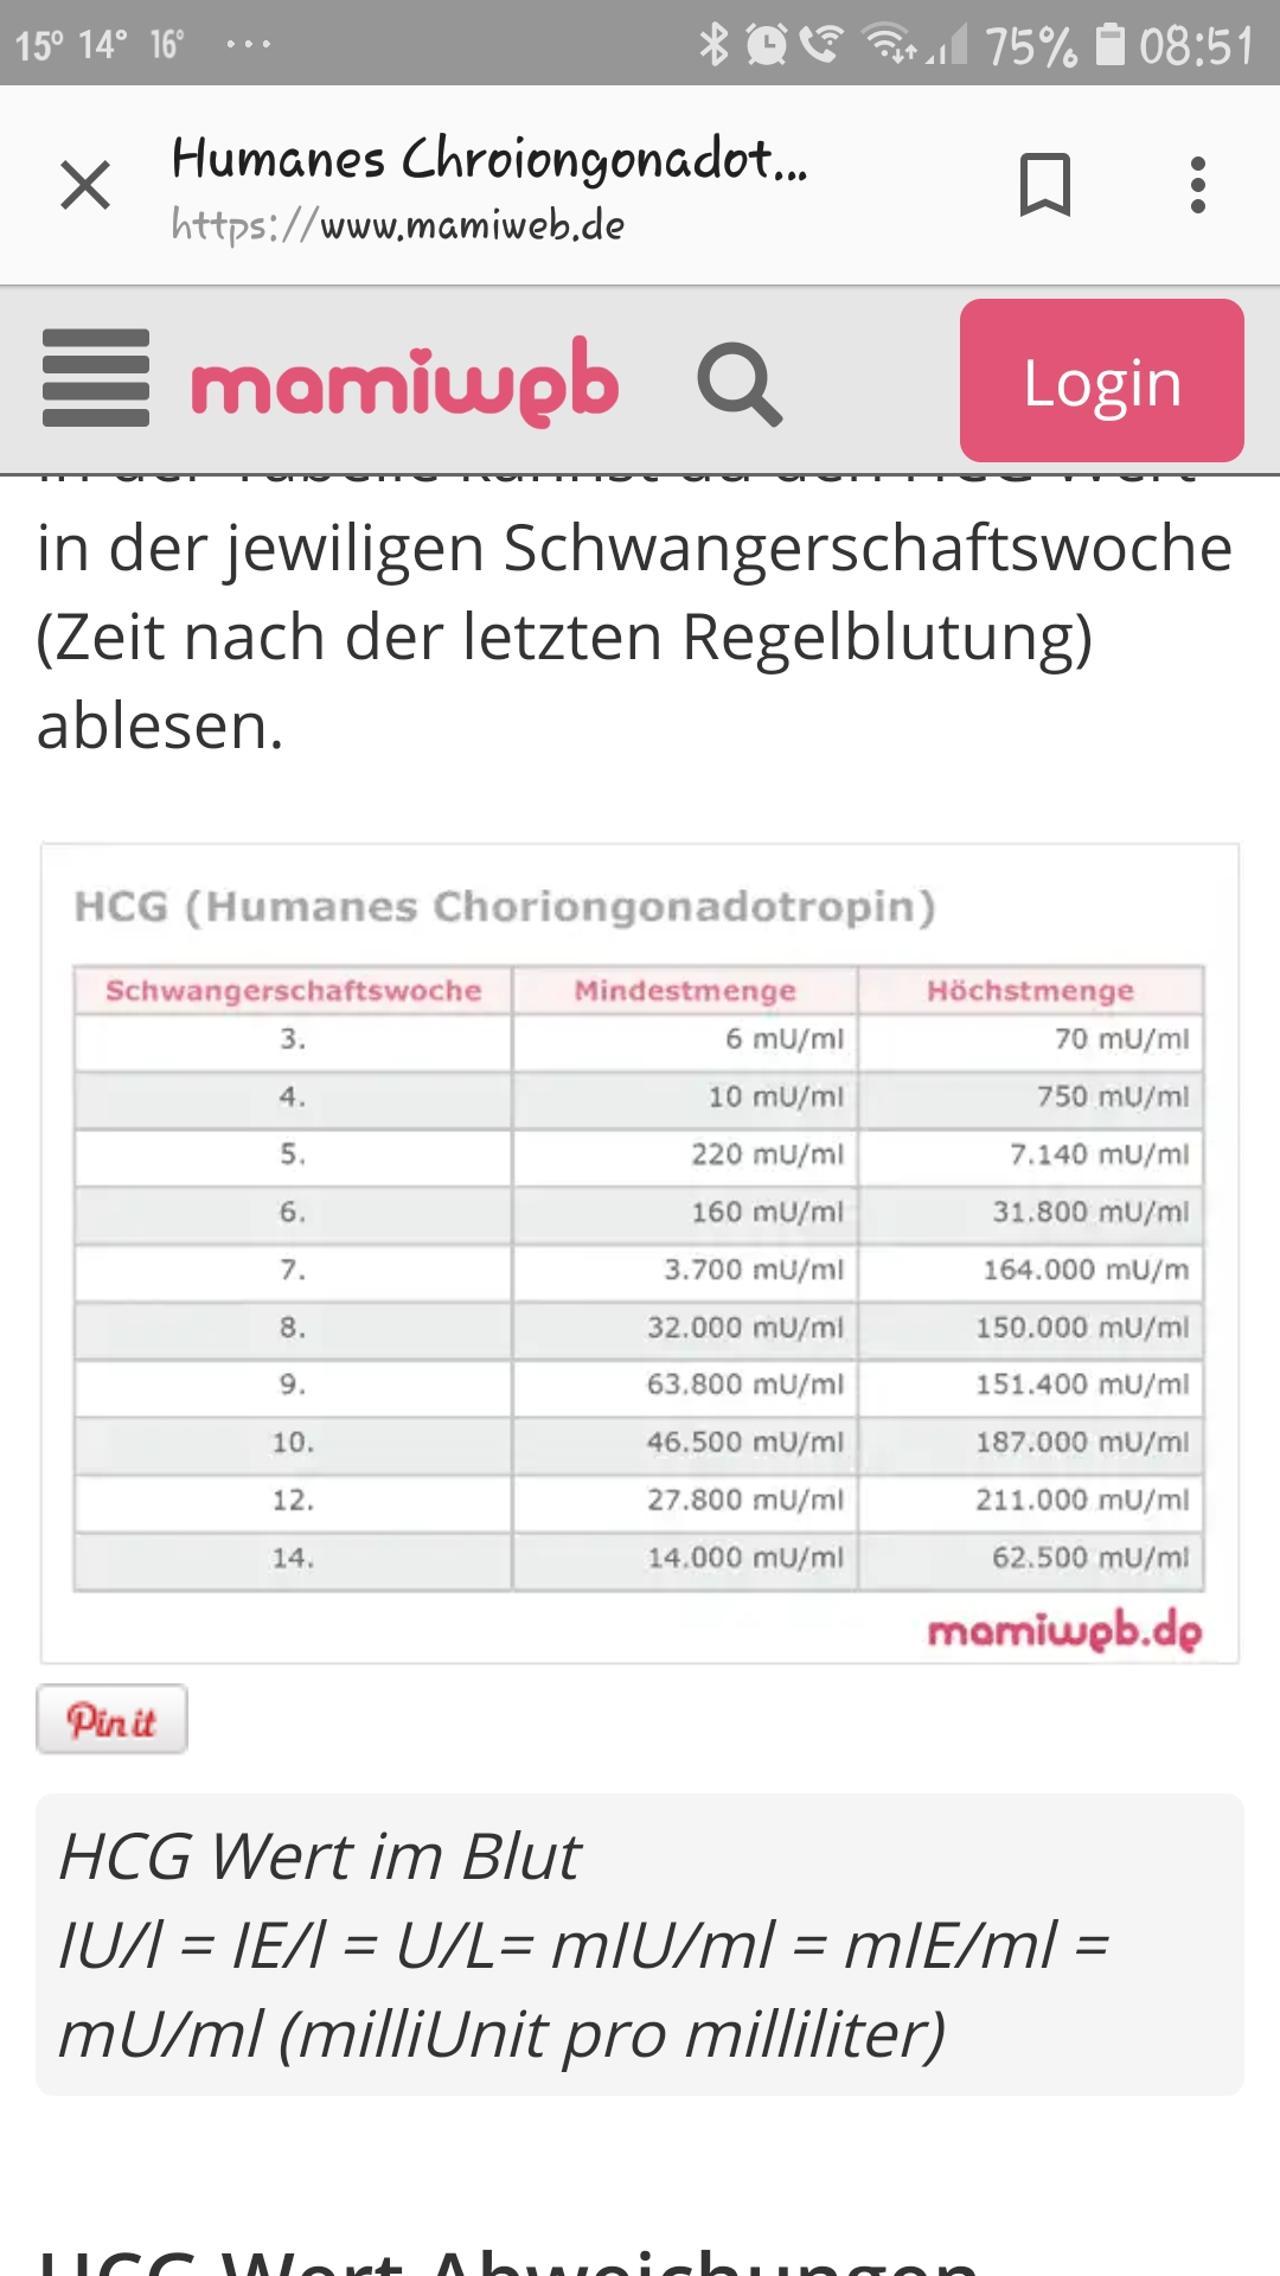 Hcg Wert Nach Fehlgeburt